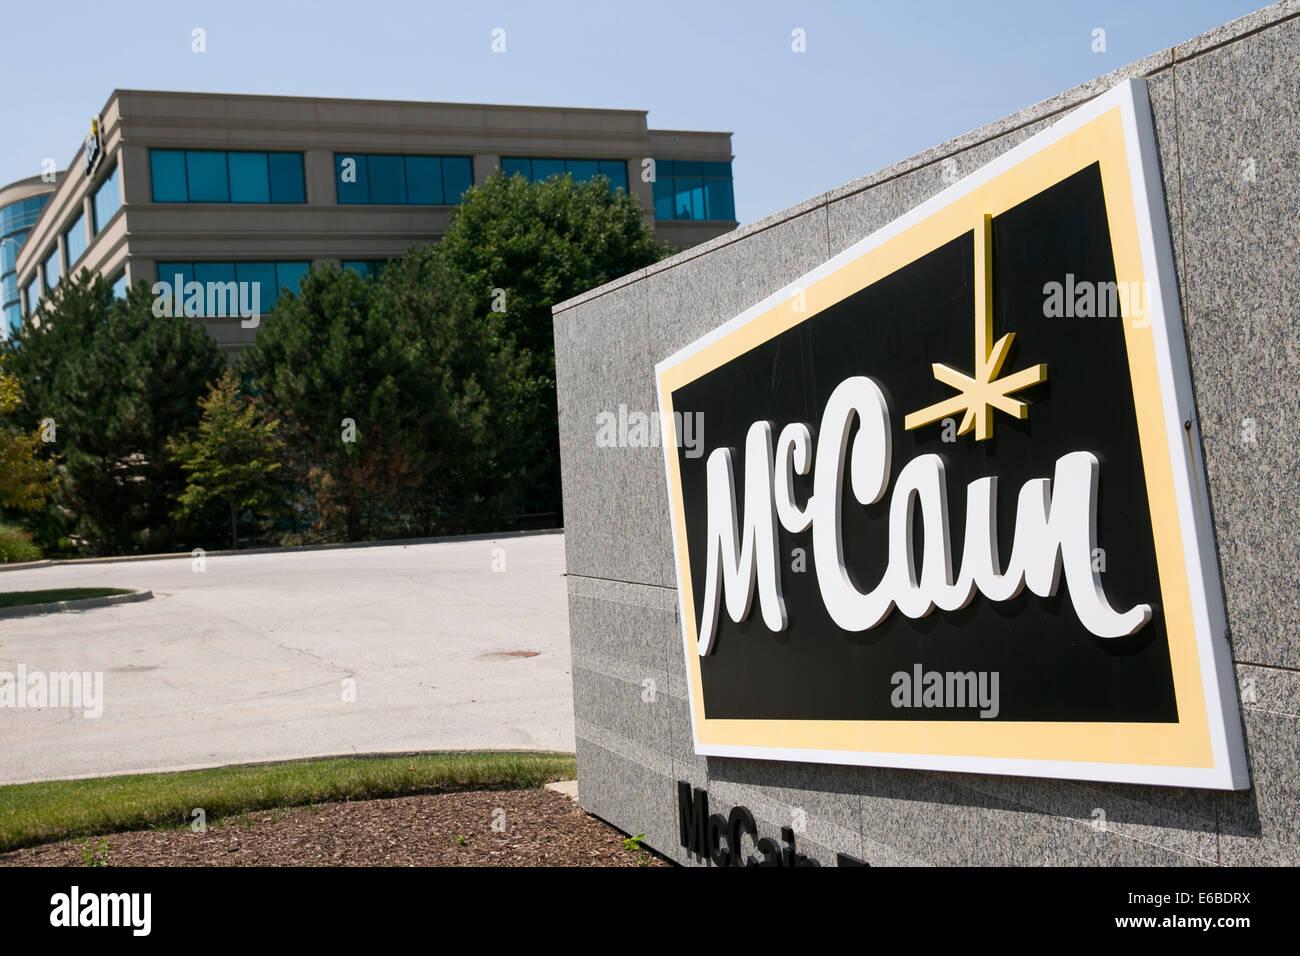 Mccain Stock Photos & Mccain Stock Images - Alamy